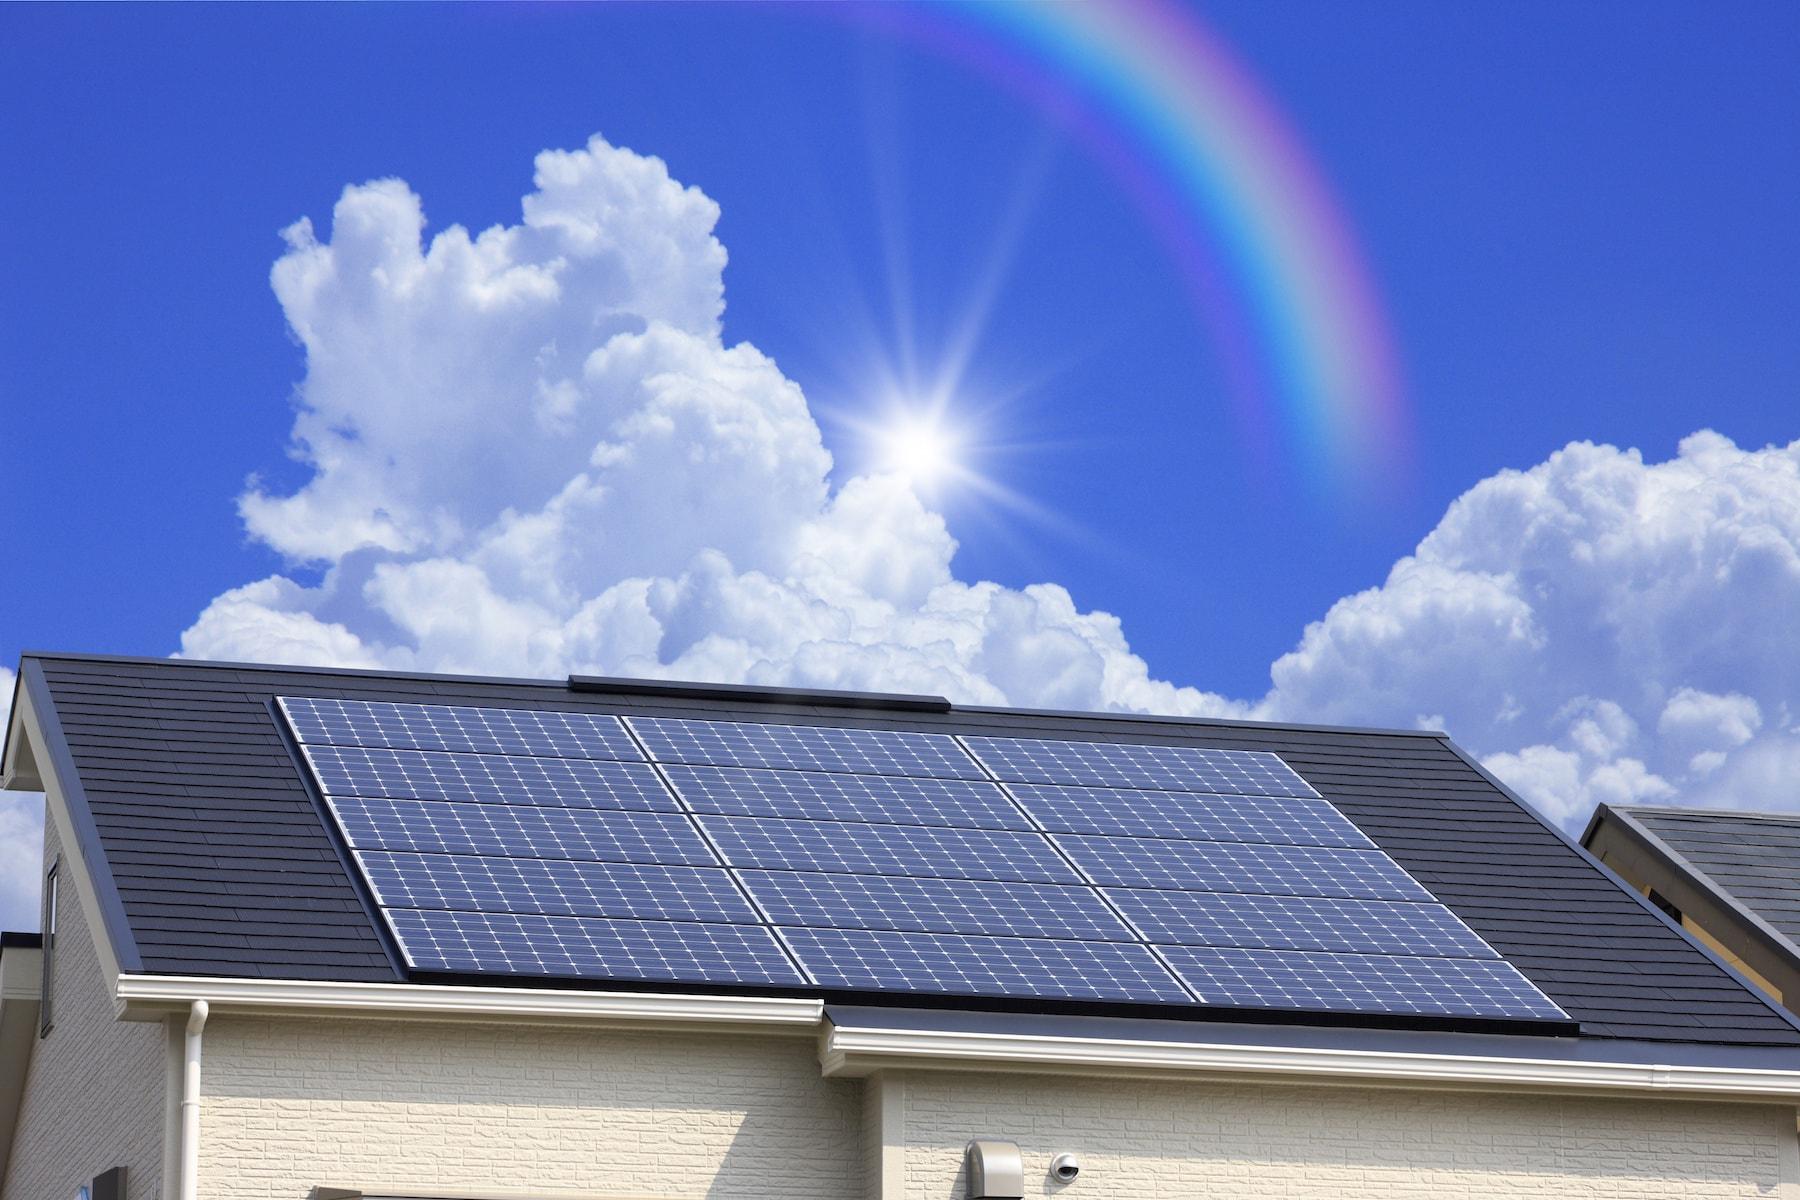 太陽光発電パネルがついている家